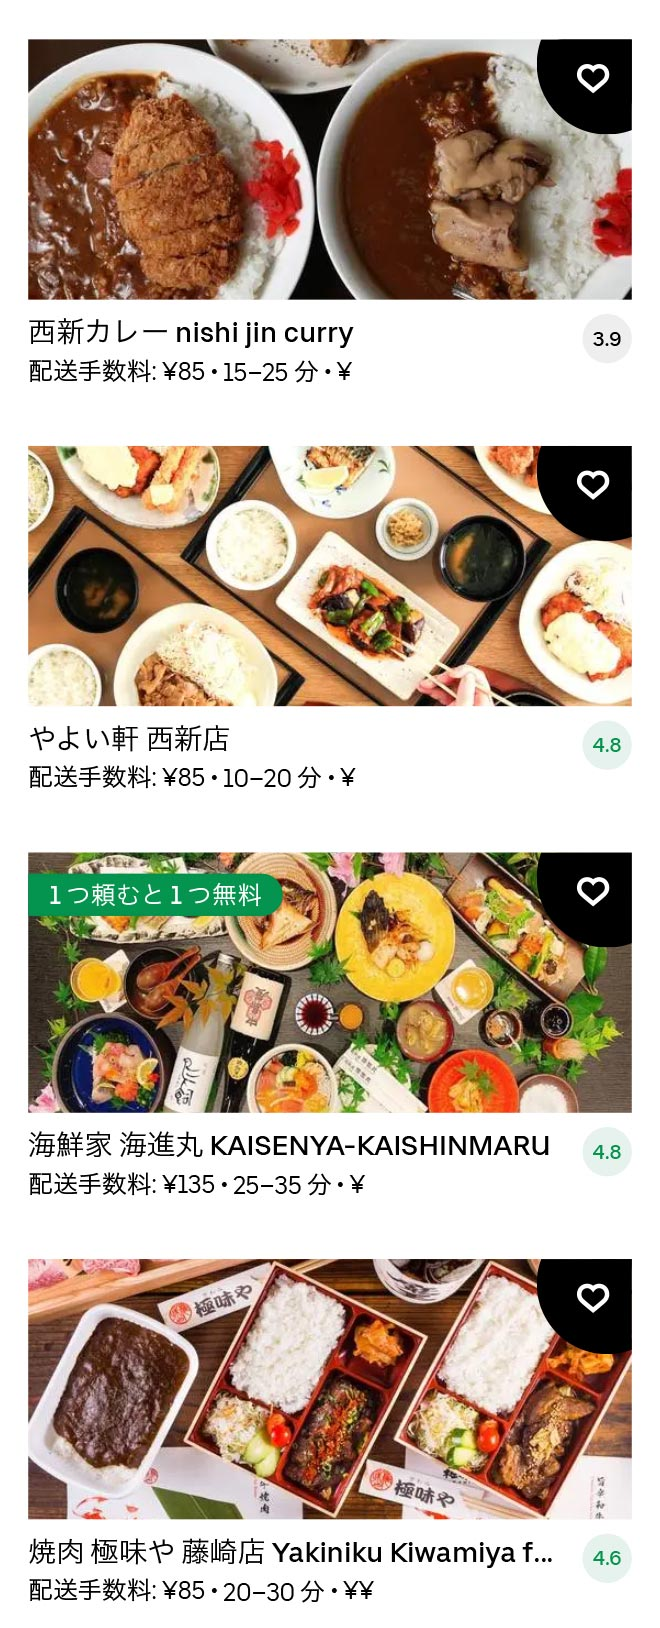 Nishijin menu 2101 12